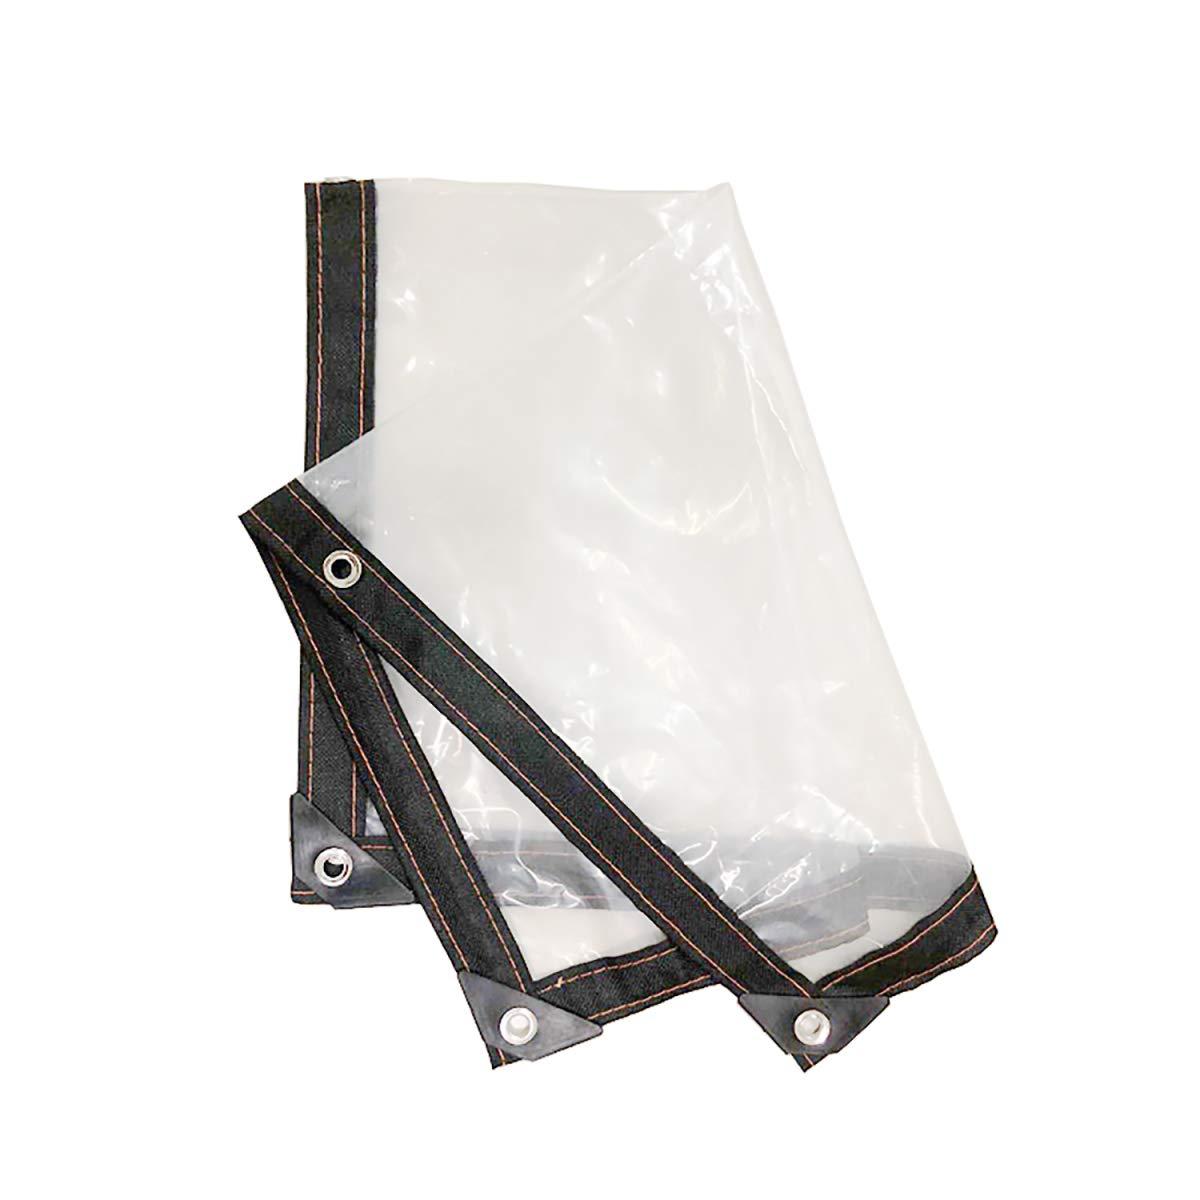 GUHAIBO Bâche Bâche avec Oeillets - Toile Plastique Transparente résistante à l'eau pour Rideaux de Balcon, Bâche à bûches,2x1m Bâche à bûches guhaibo.com